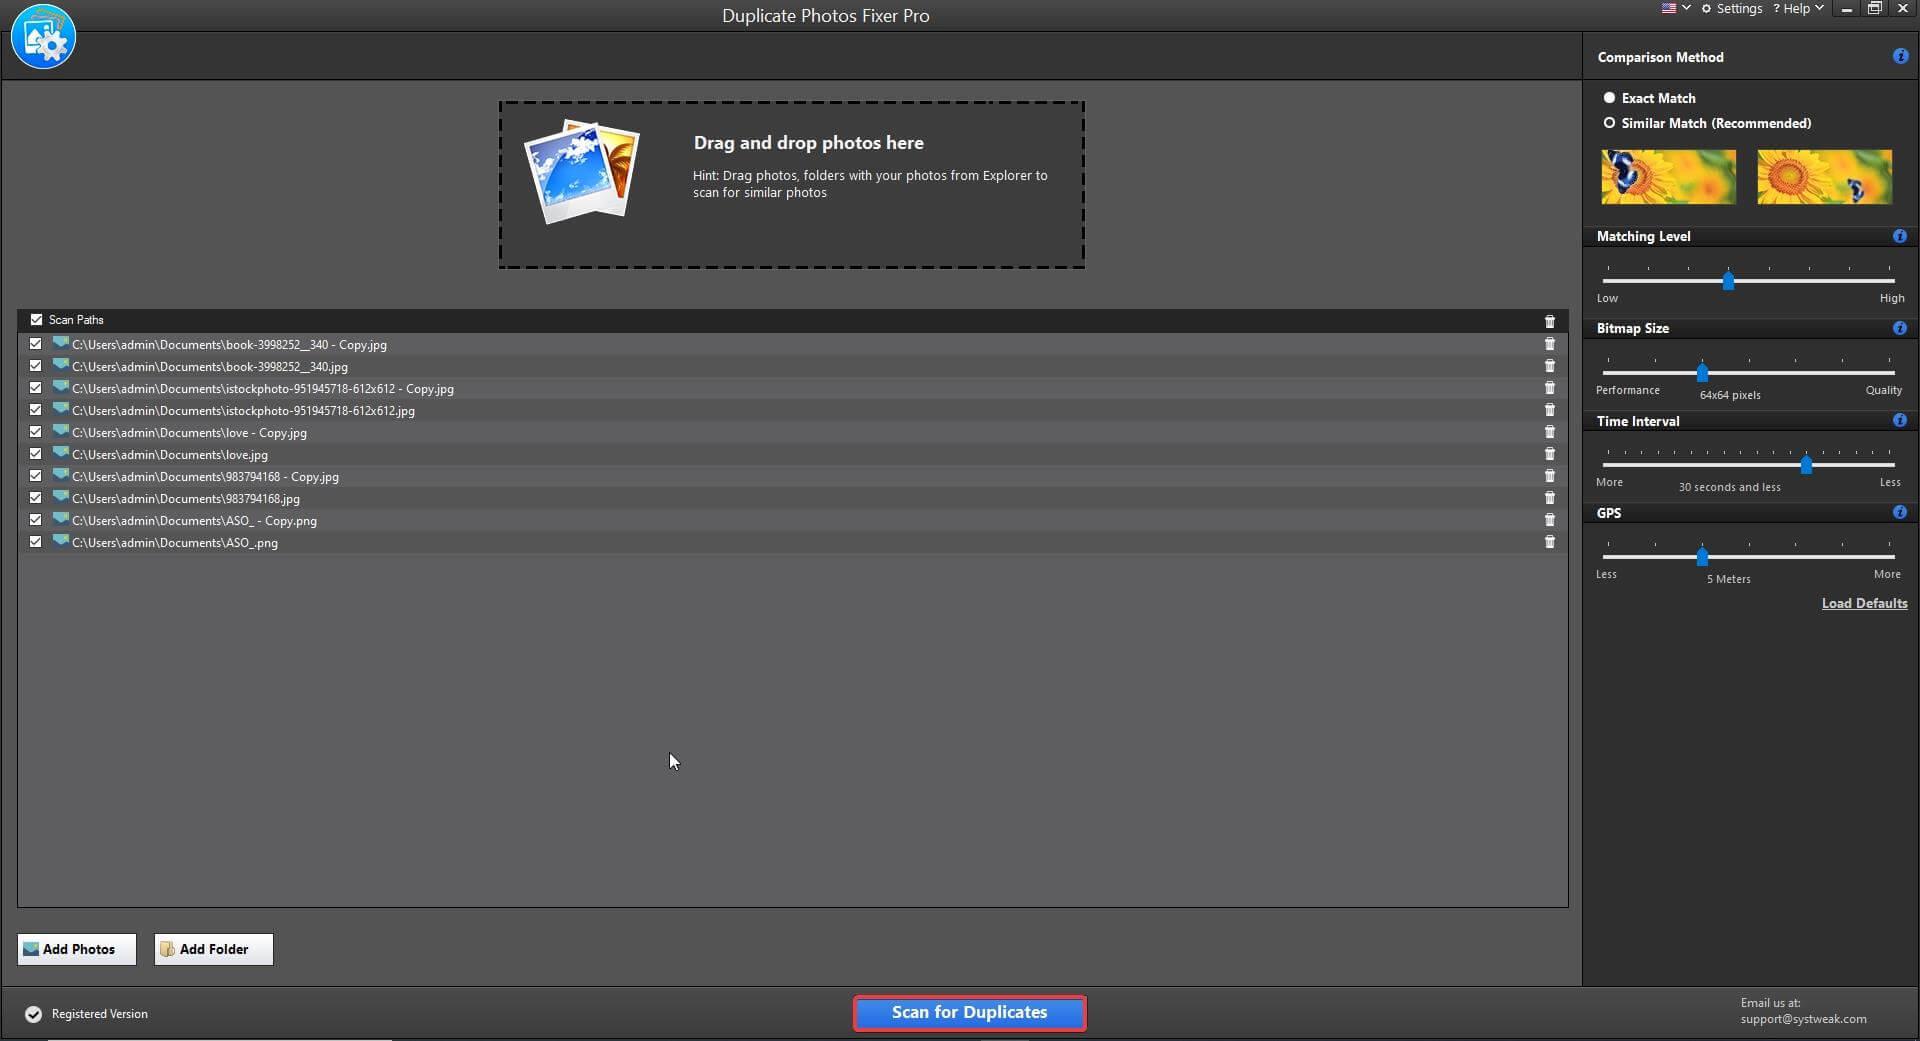 Duplizieren von Fotos Fixer Pro